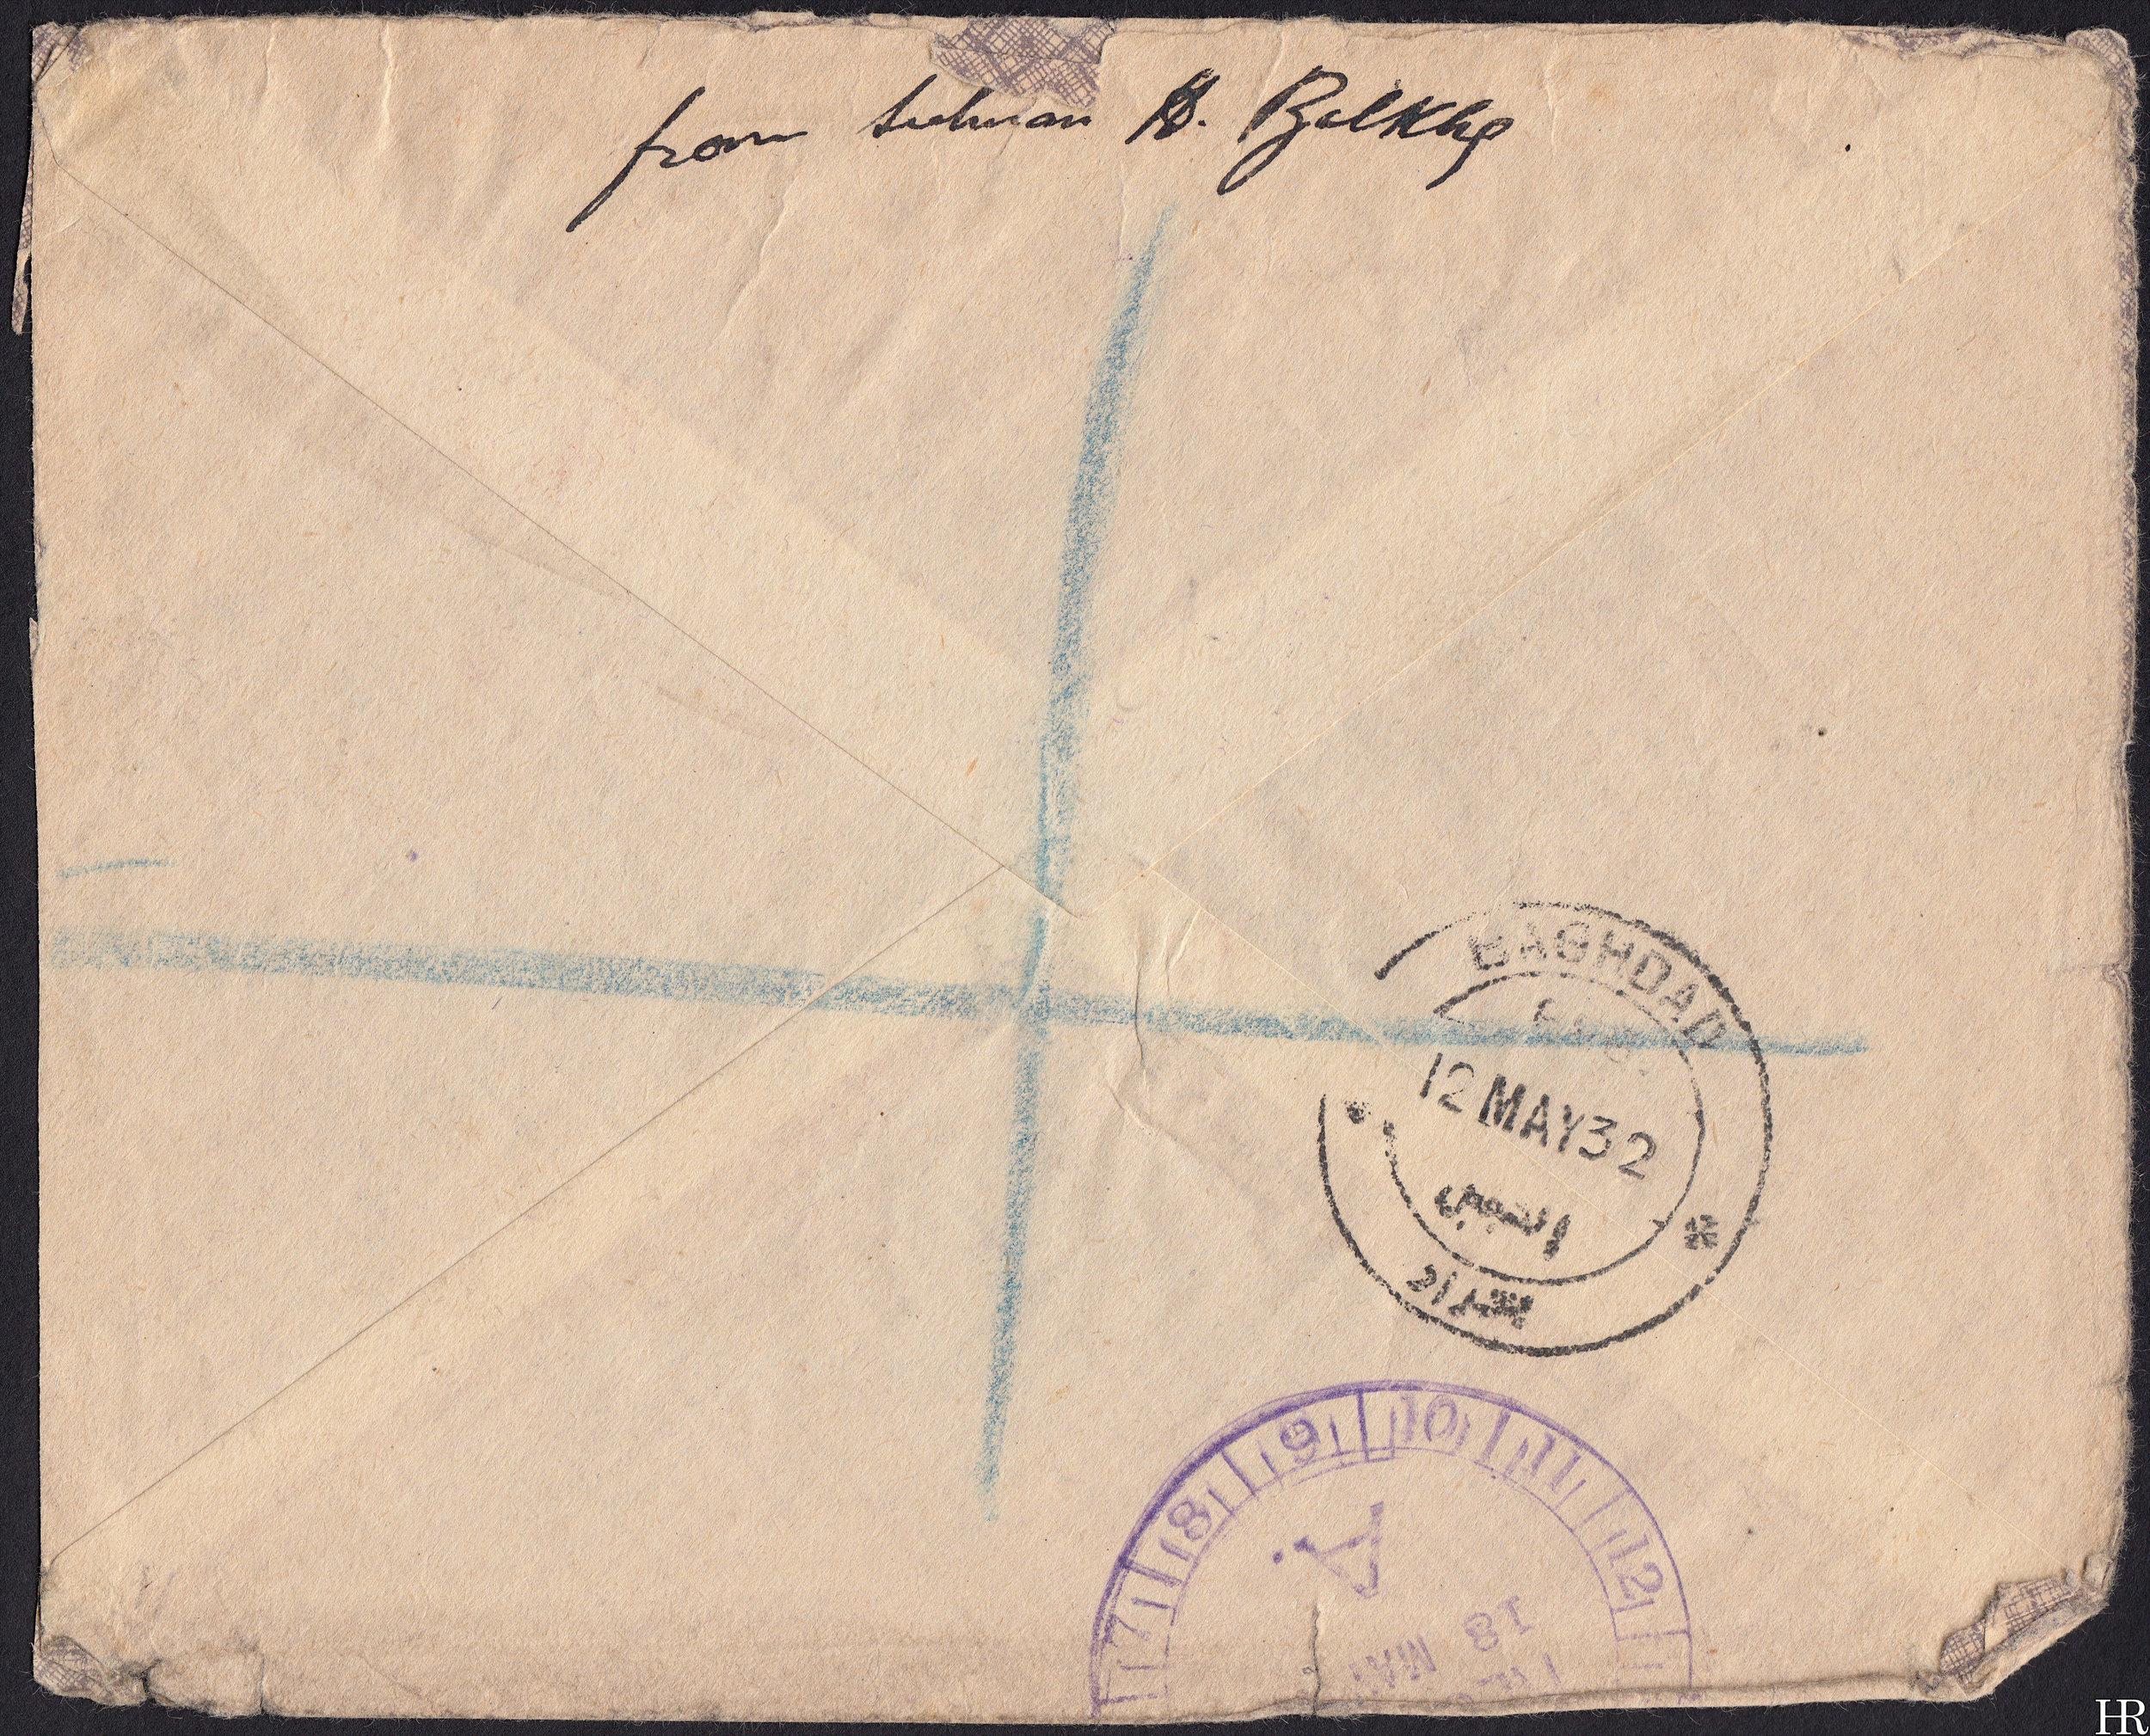 C-IRAQ-1932-Baghdad Exchange Square-1b.jpg